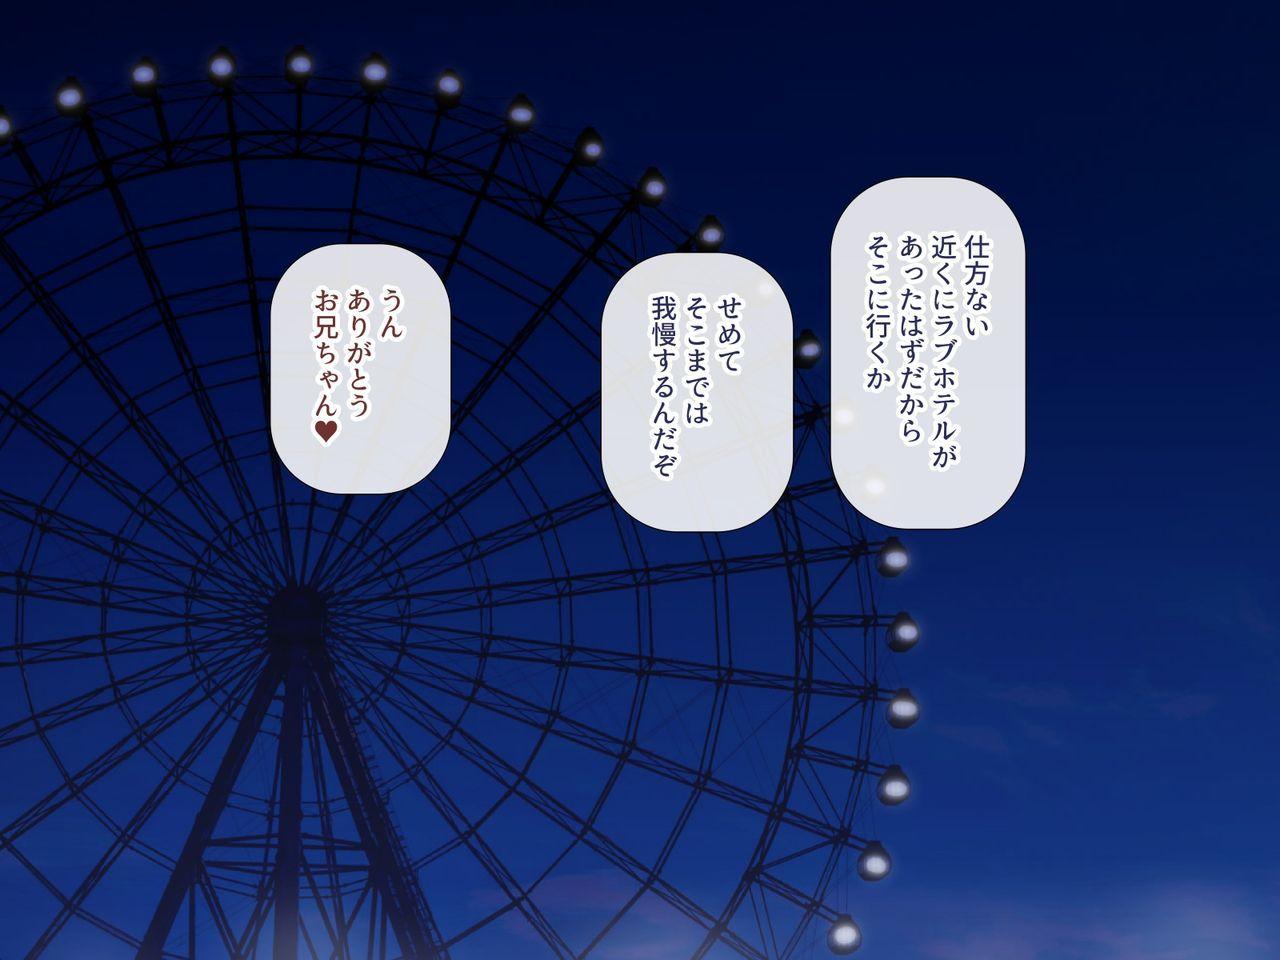 Uchiki na Jyumai ga Ore no Tame ni Karada o Kitaeta Kekka 69